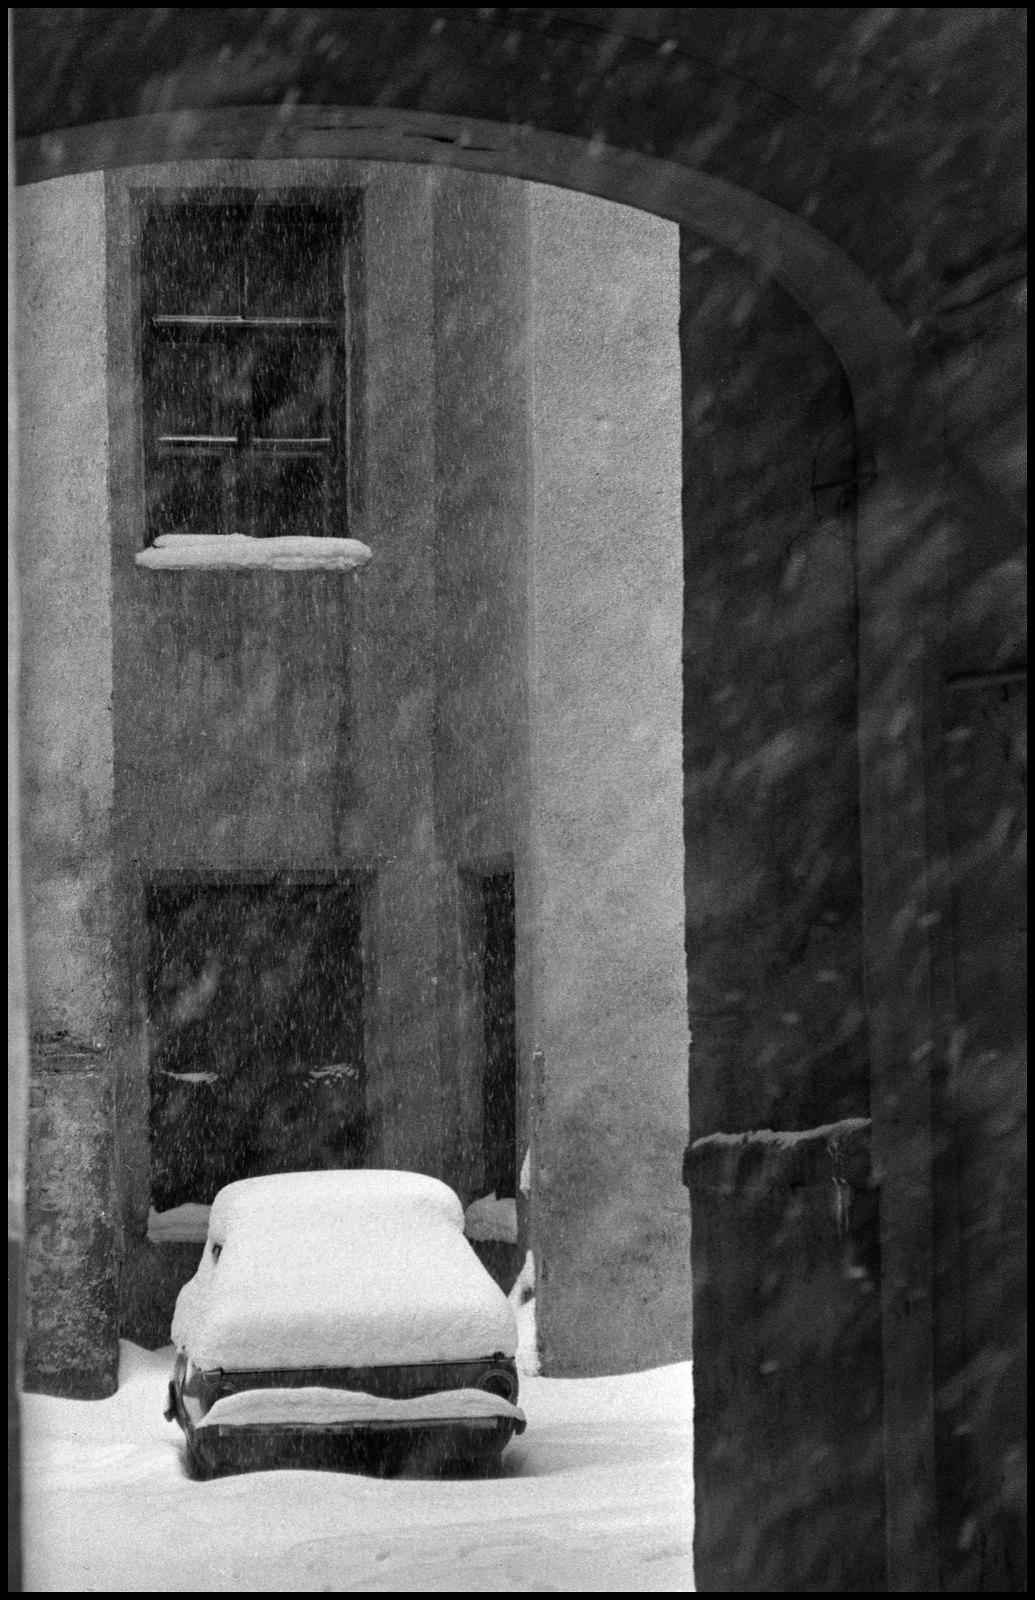 1970-е. Зимний дворик